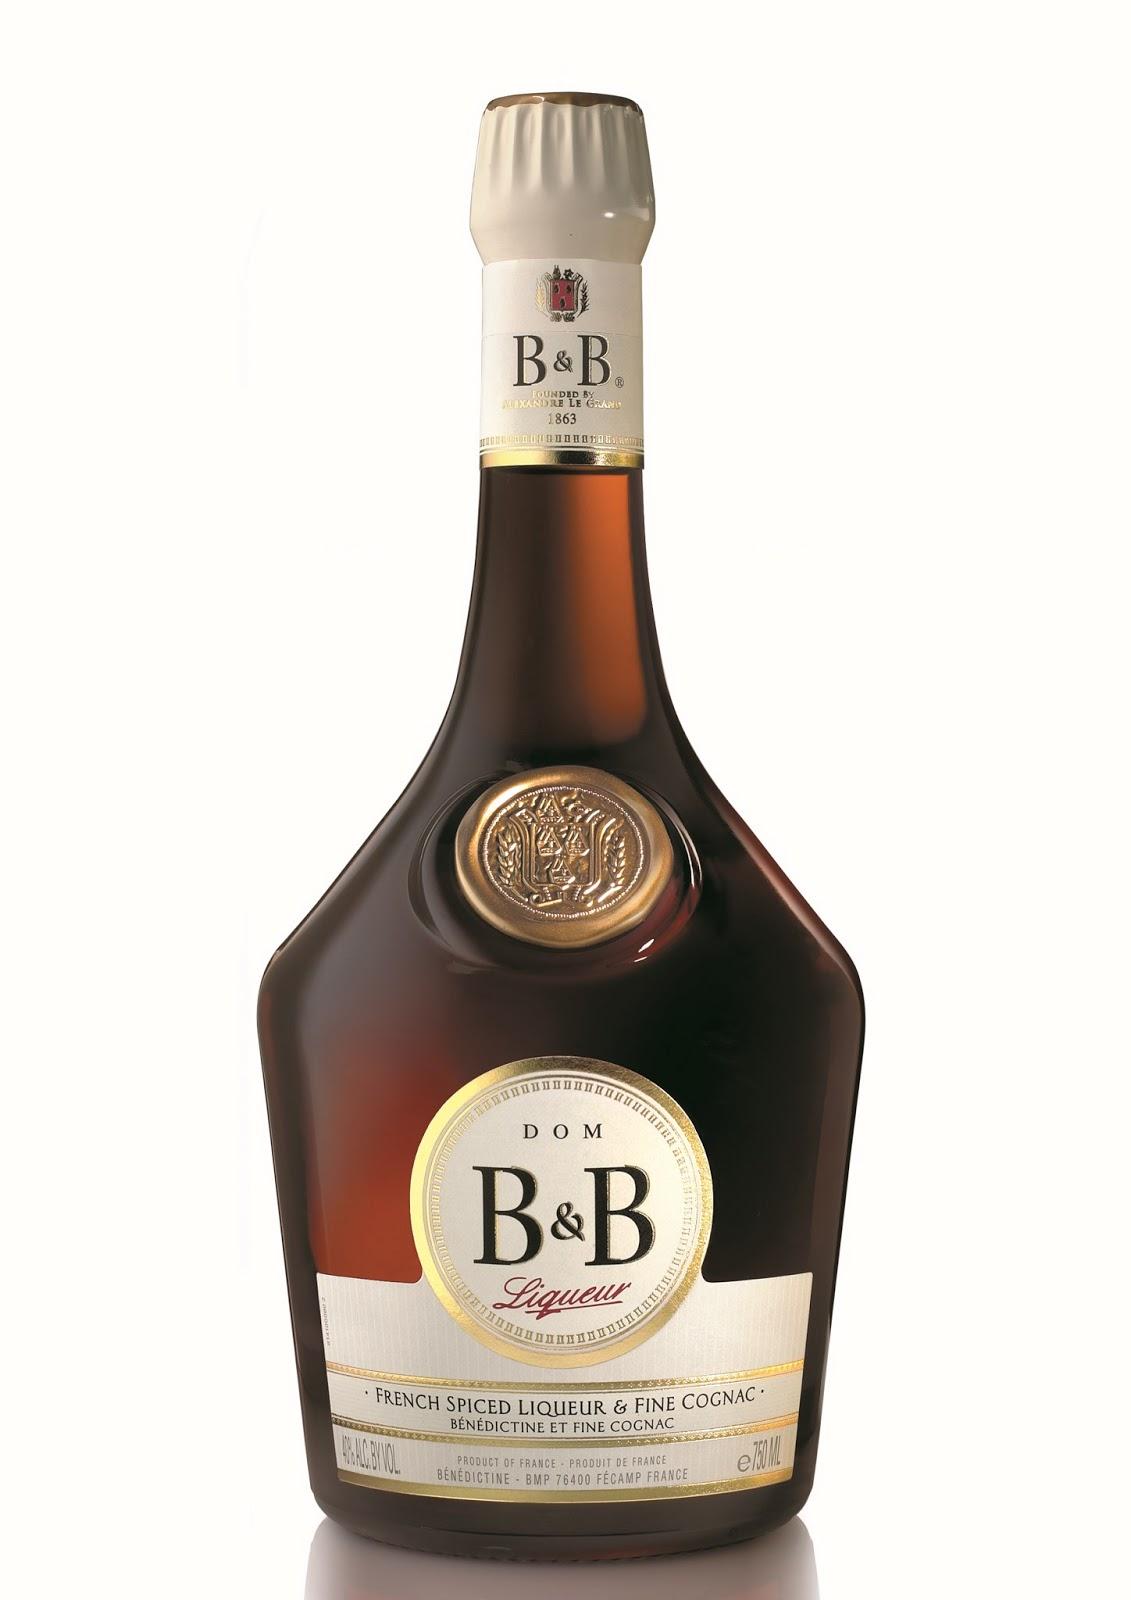 A bottle of cognac - 3 7